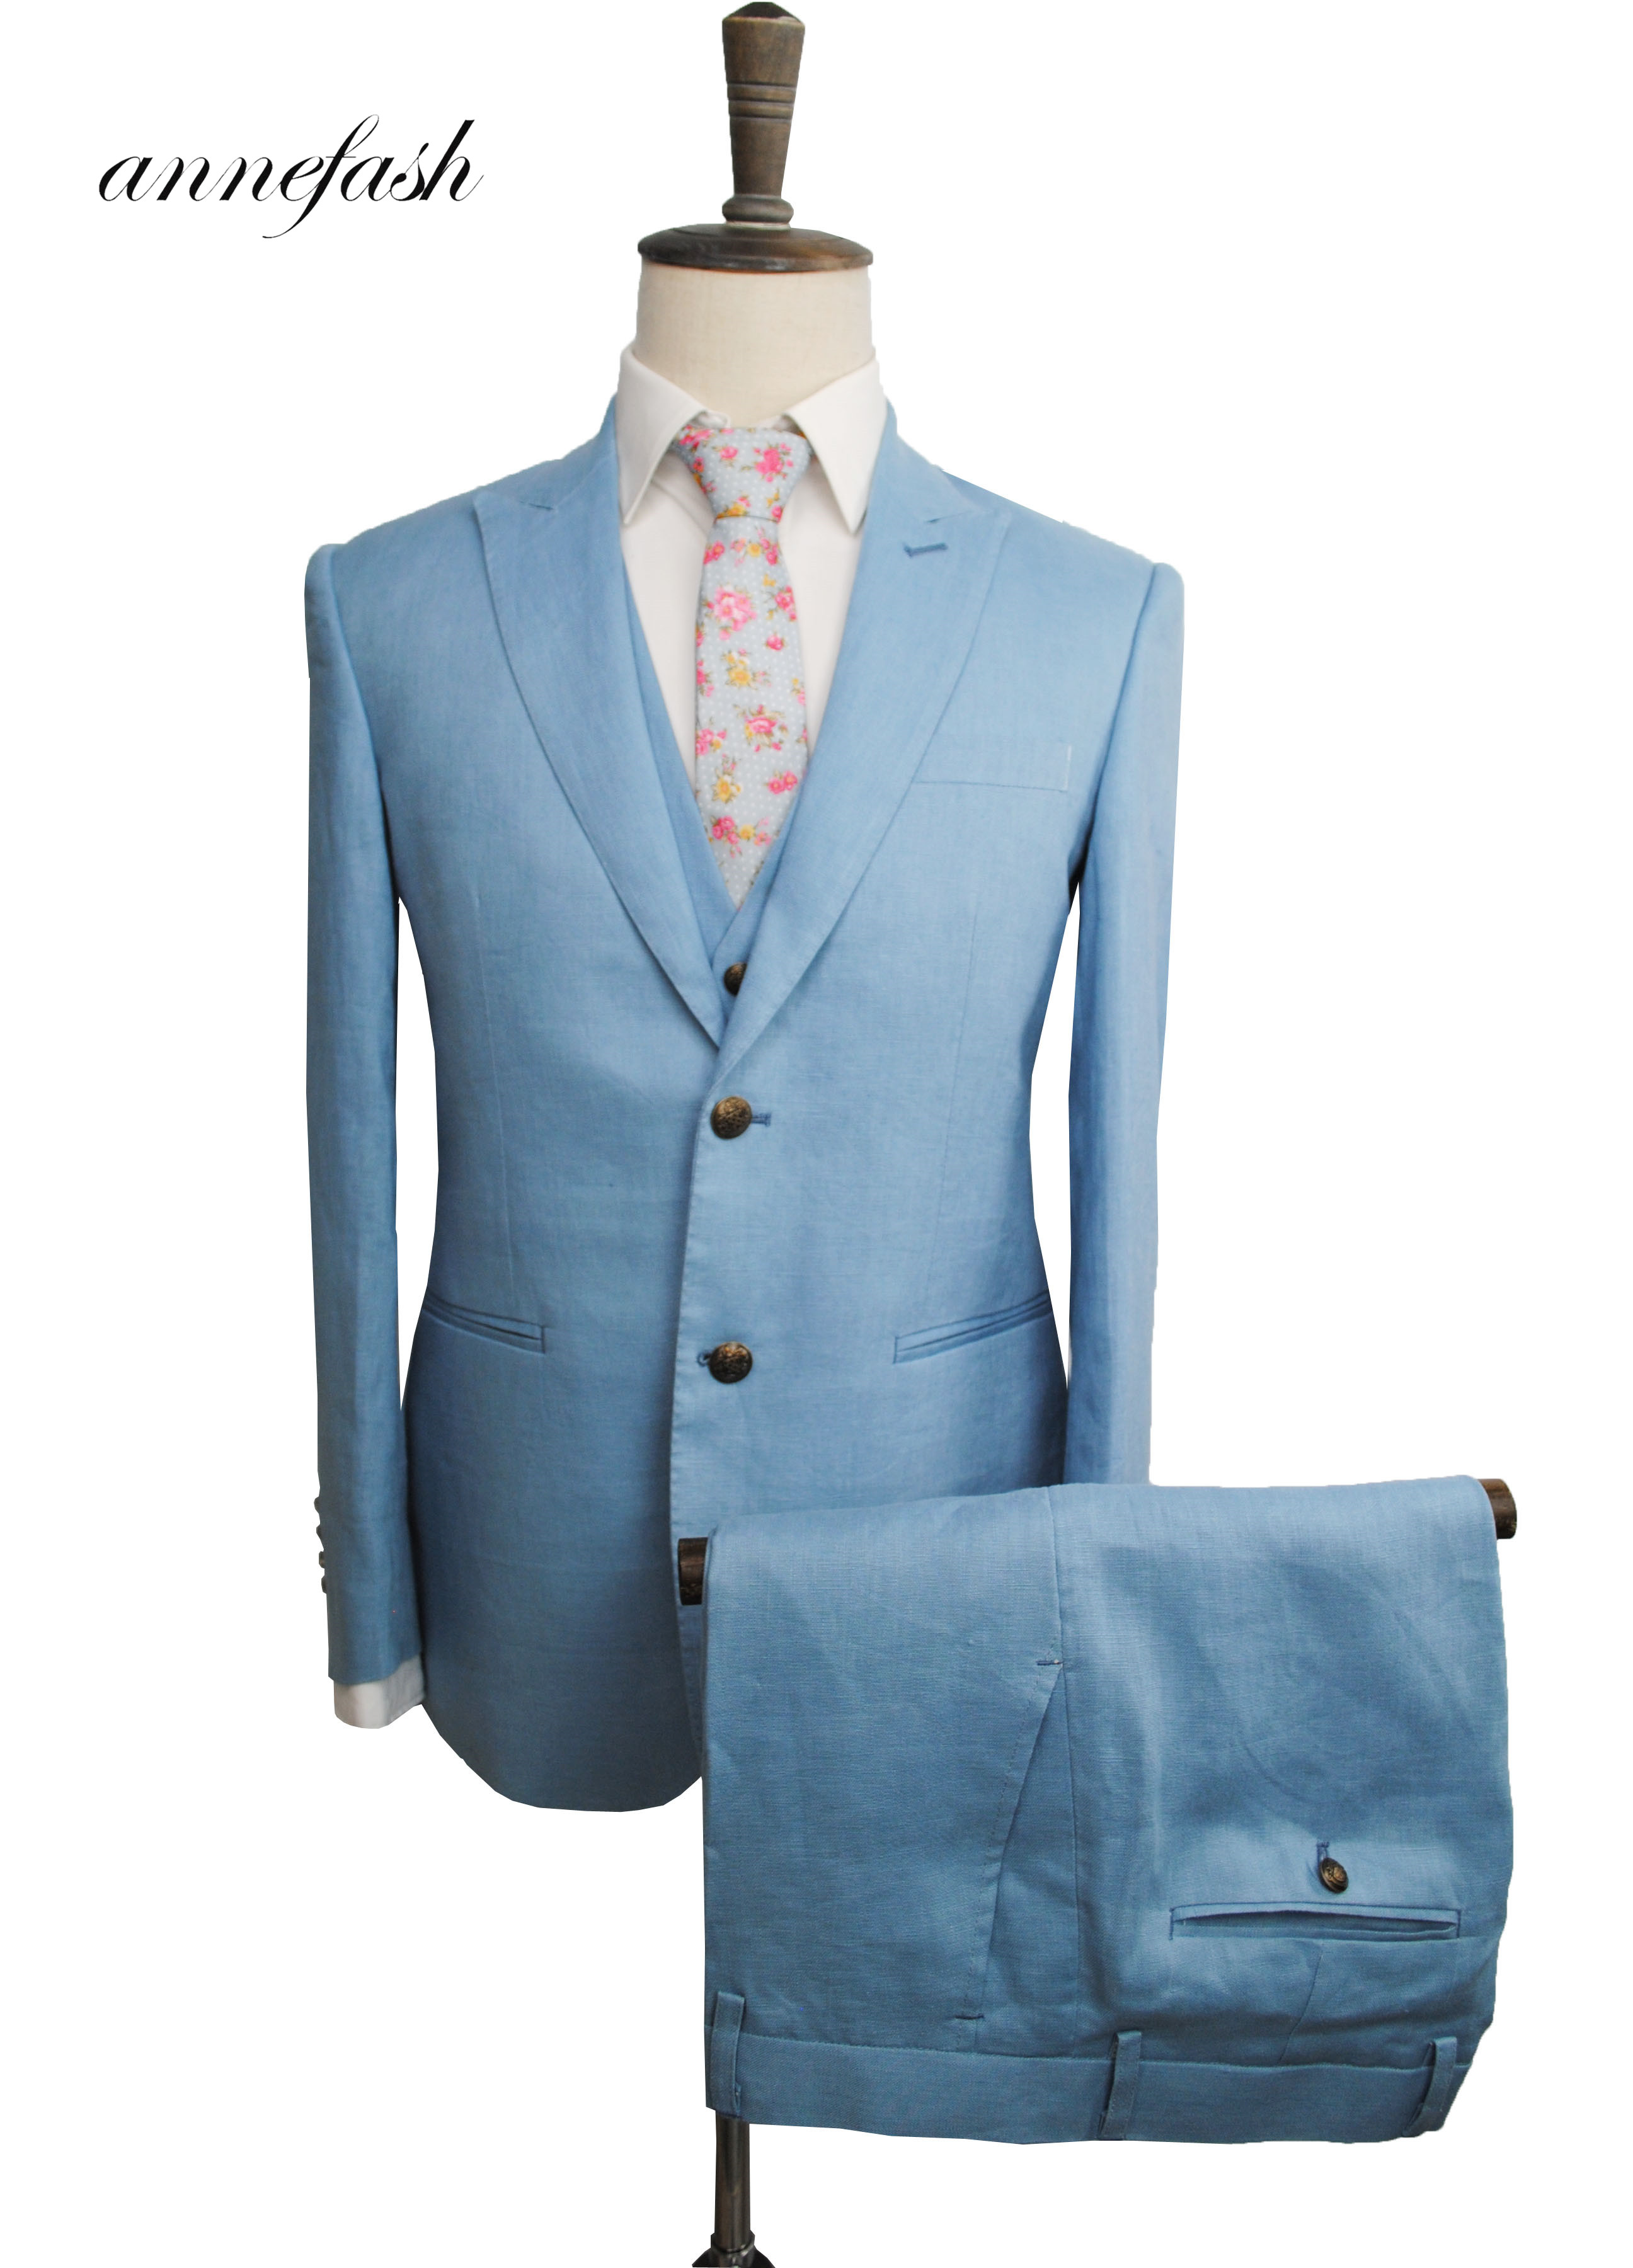 Ensemble de costume en lin bleu clair sur mesure pour hommes costume de mariage 3 pièces (veste + pantalon + gilet)